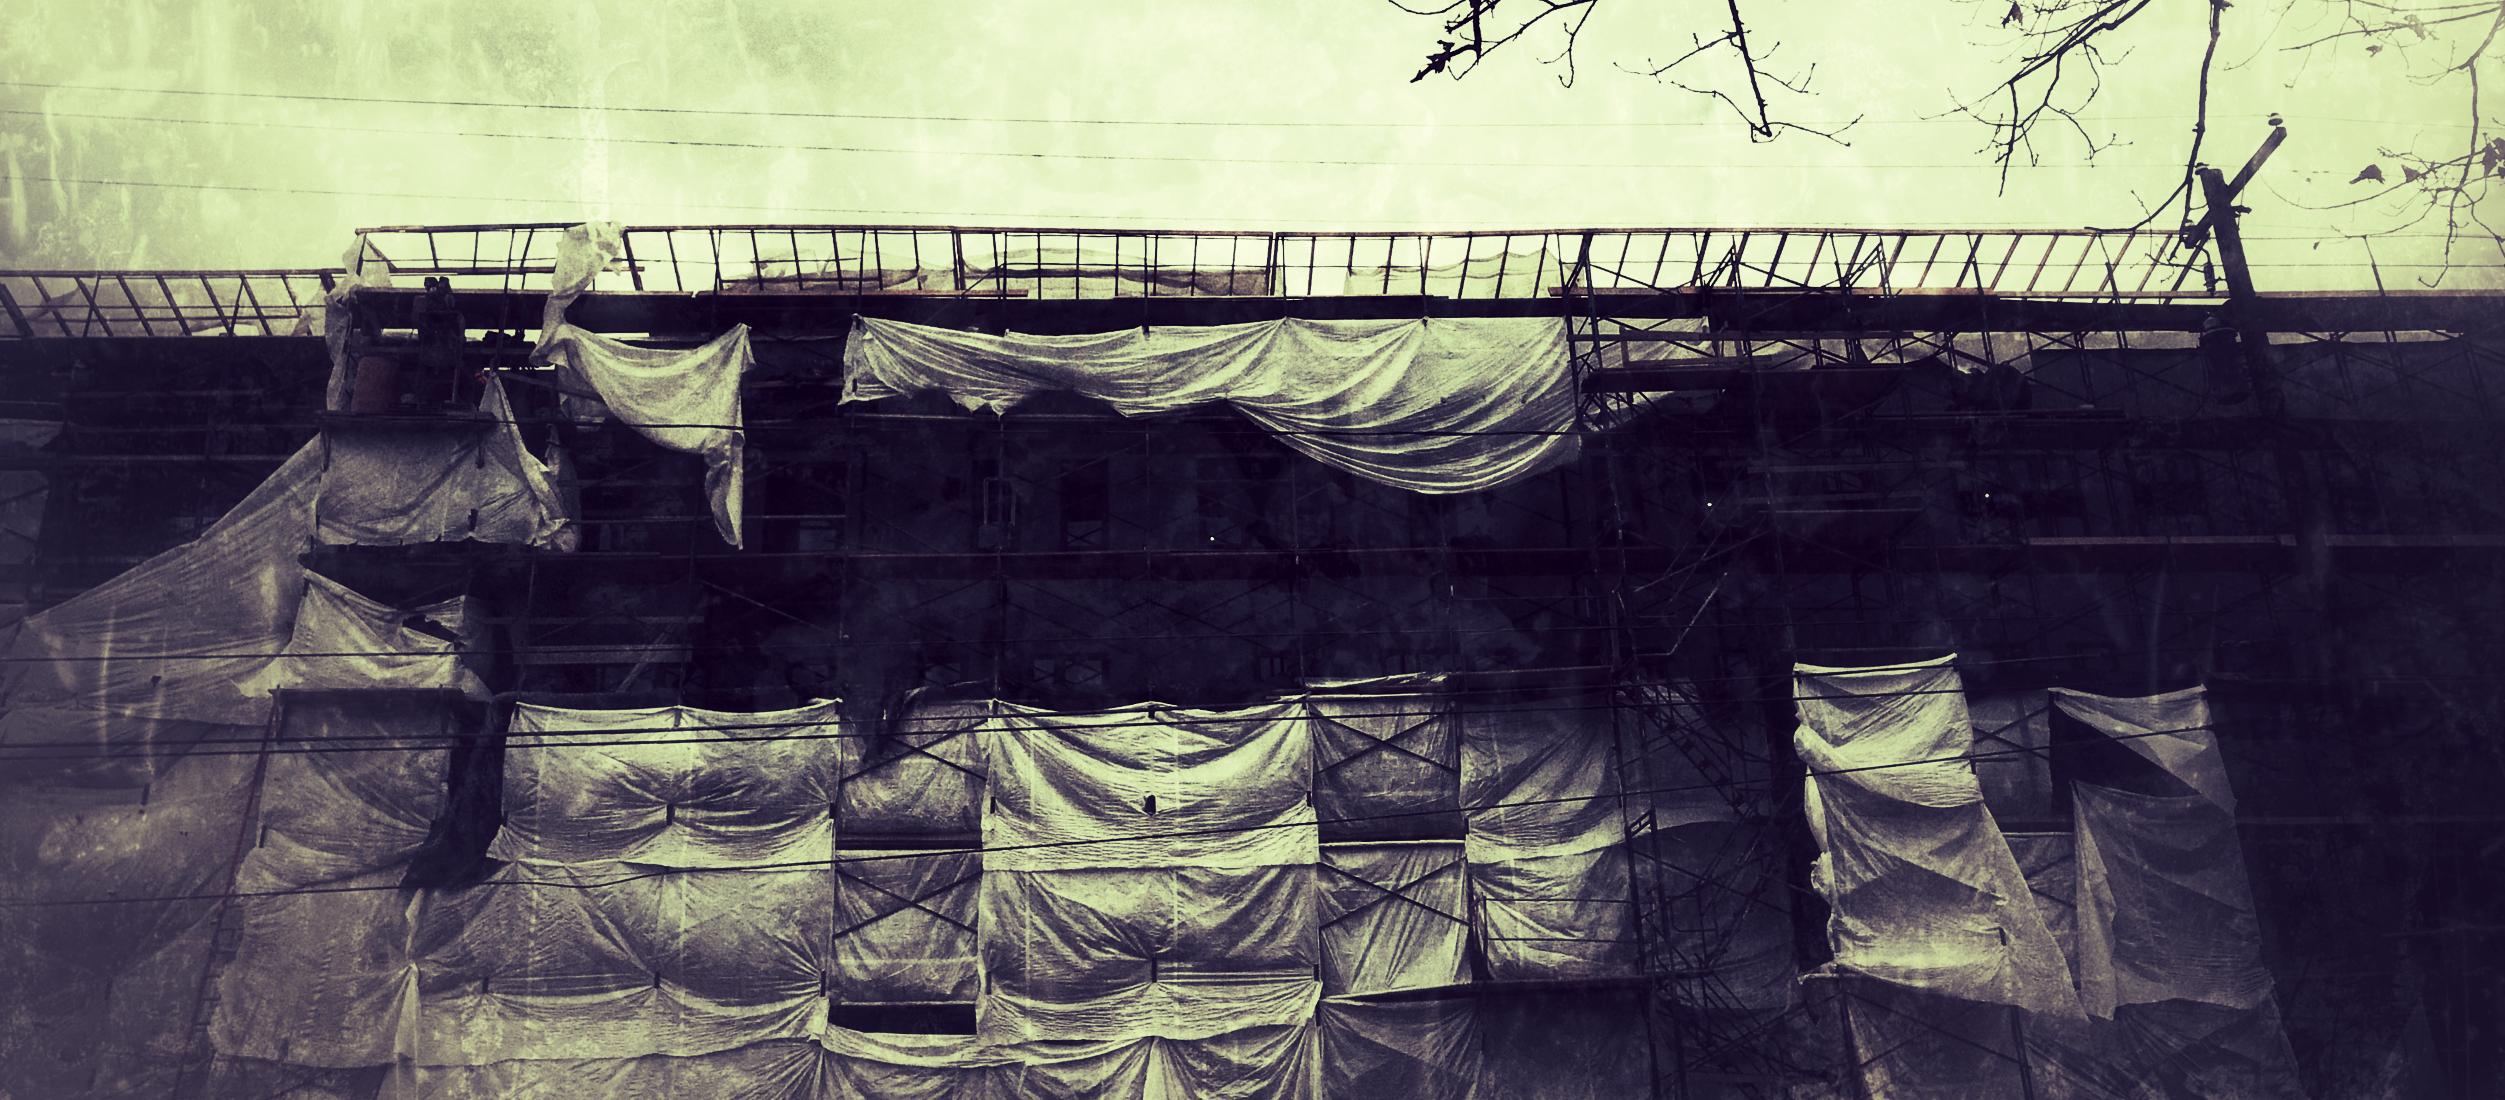 """""""scaffolding"""" by gbmediadesign"""